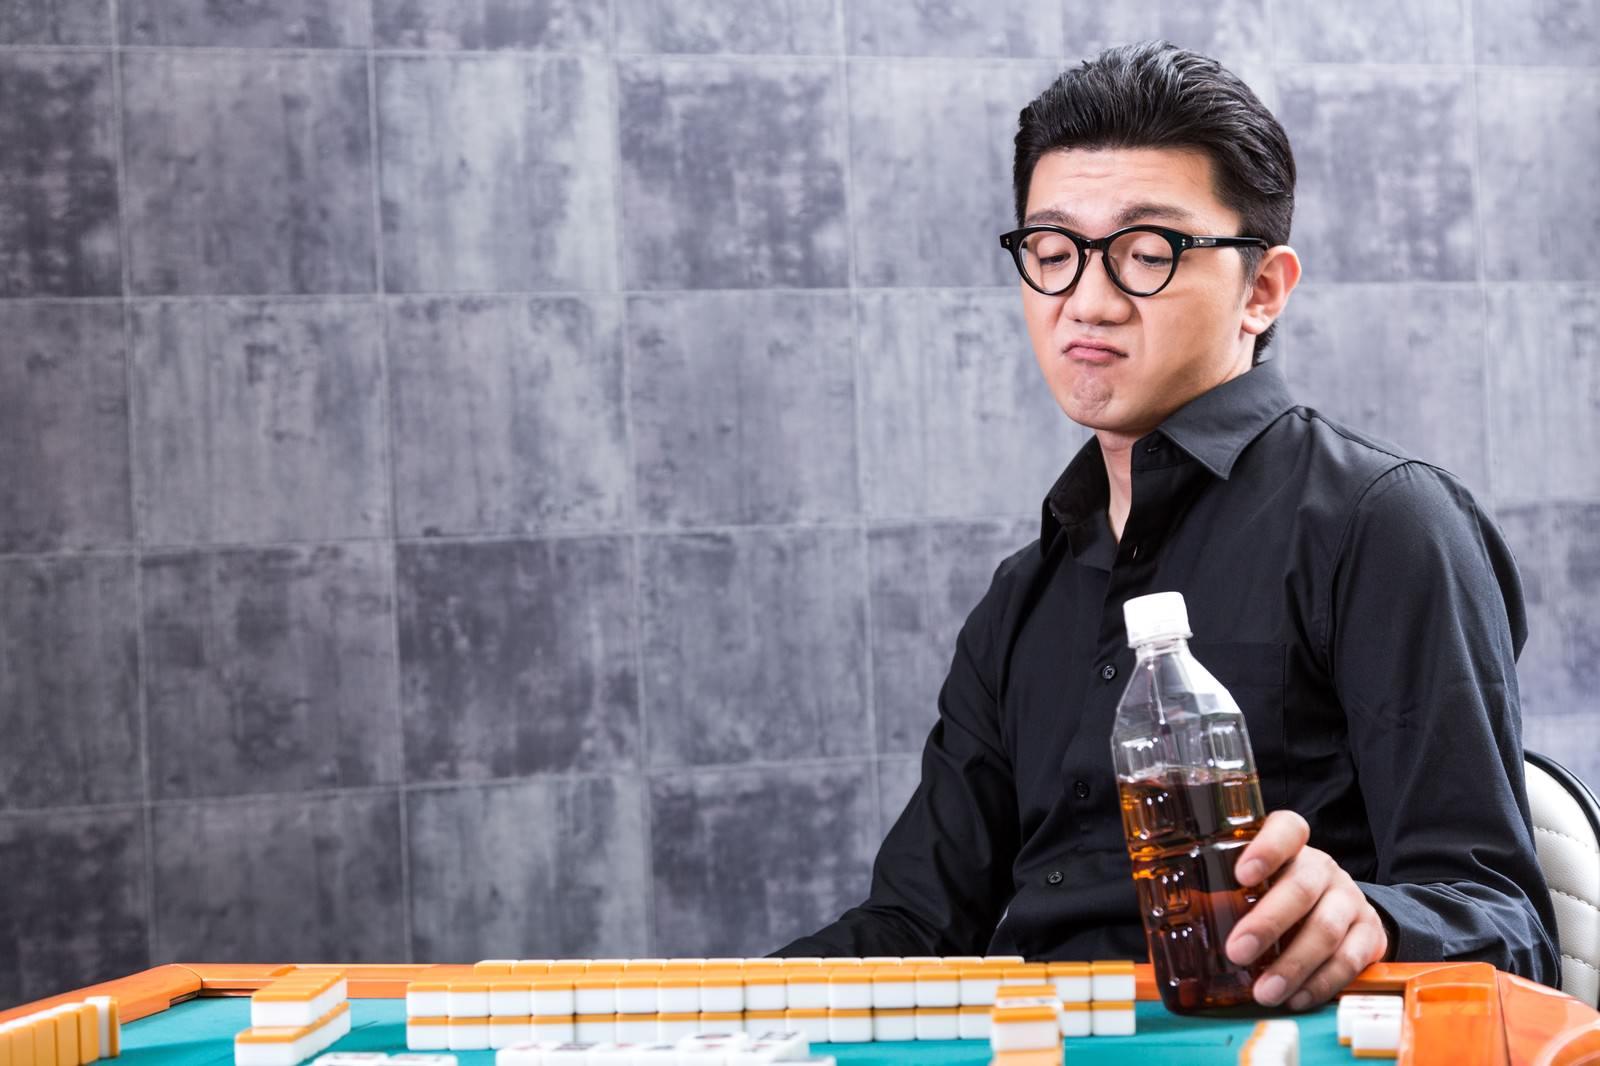 「麻雀マナー:飲み物を卓上に置かないでください麻雀マナー:飲み物を卓上に置かないでください」[モデル:OZPA]のフリー写真素材を拡大